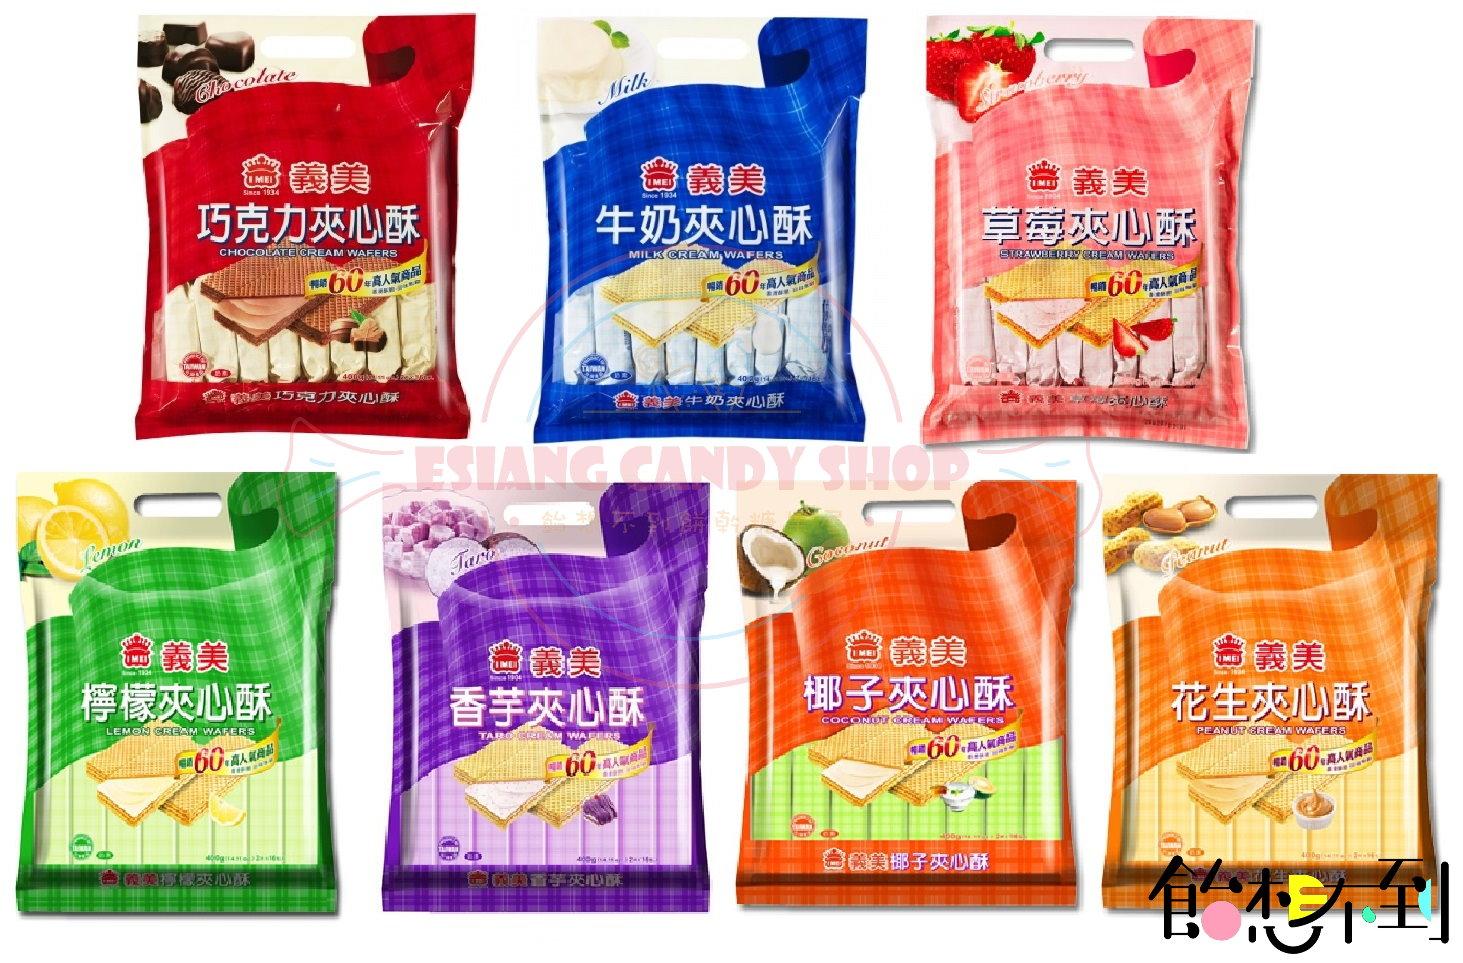 〚義美〛夾心酥量販400g - 巧克力/牛奶/花生/草莓/檸檬/椰子/香芋